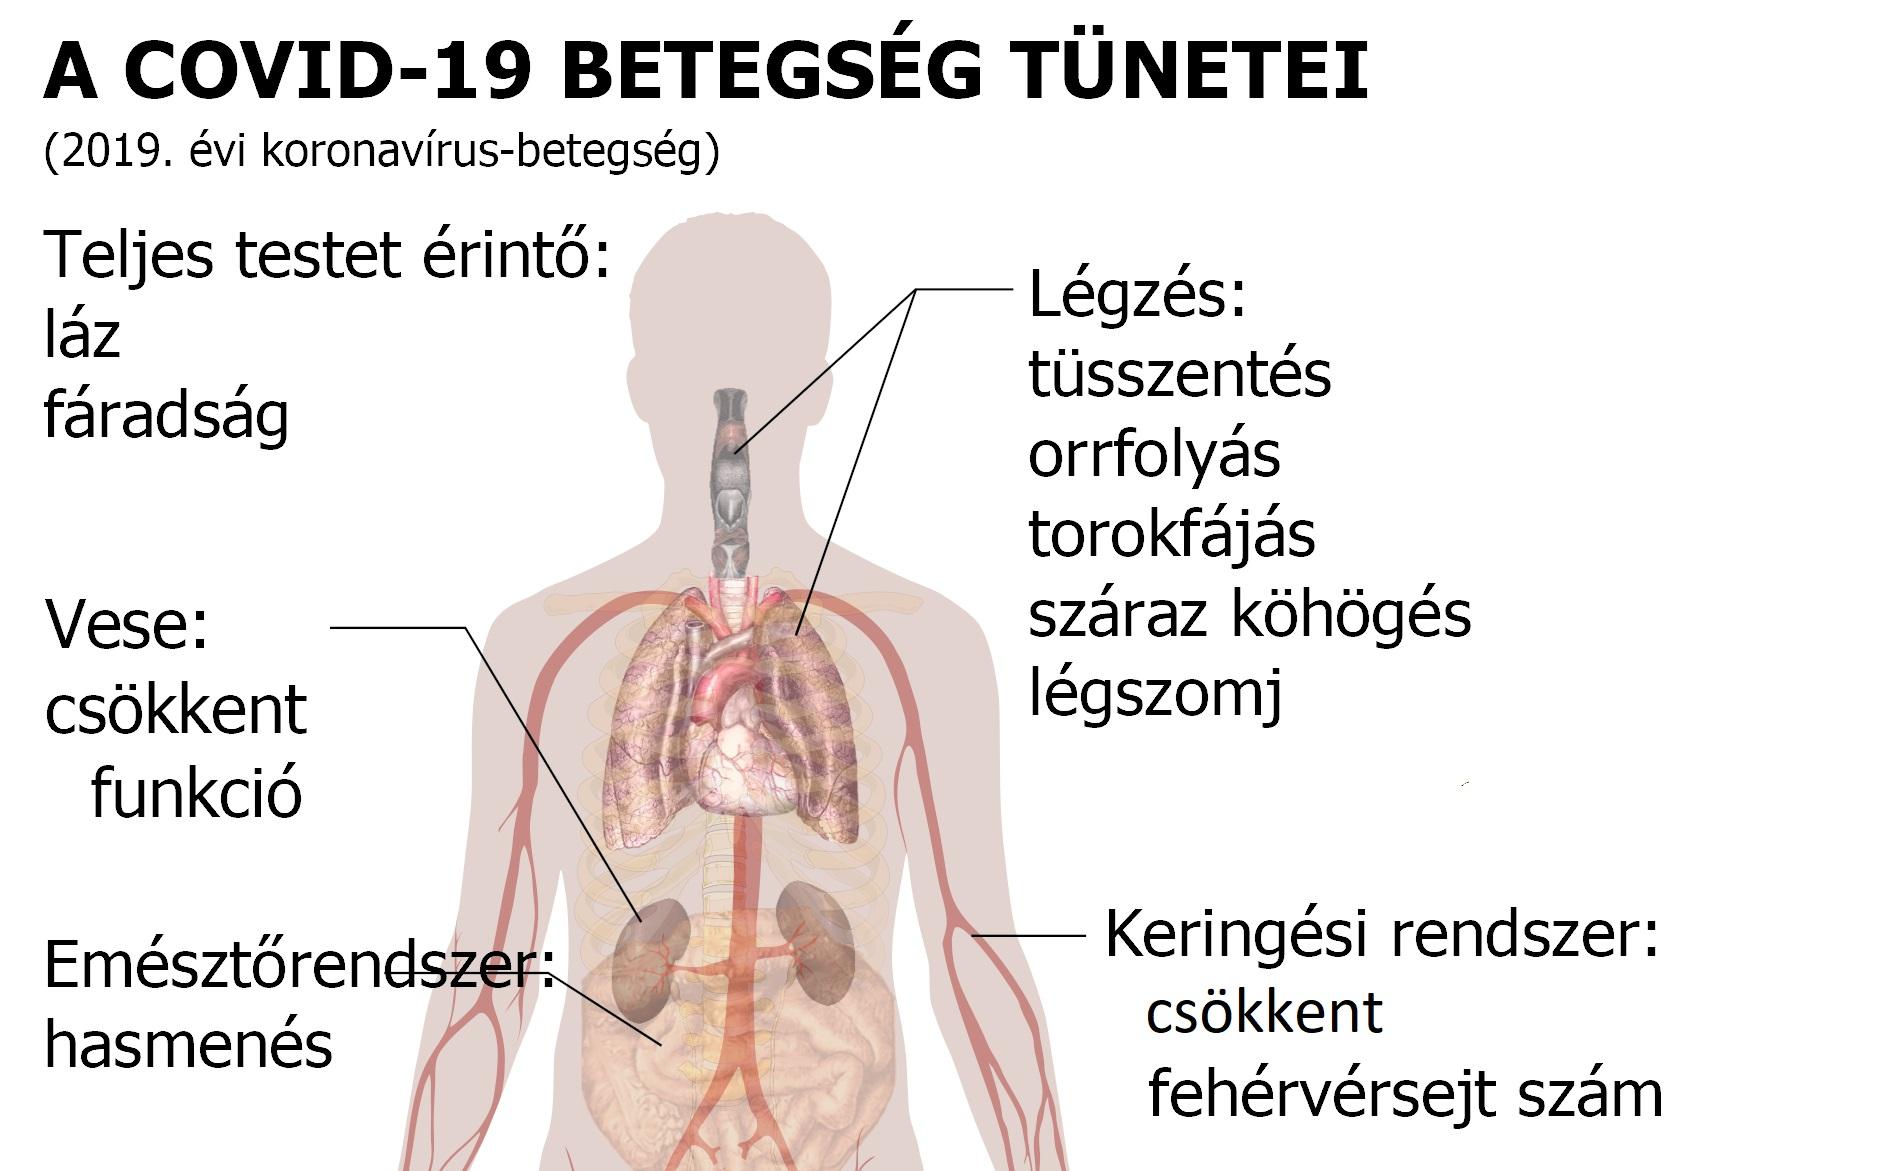 paraziták tünetei az emberi test kezelési áttekintéseiben